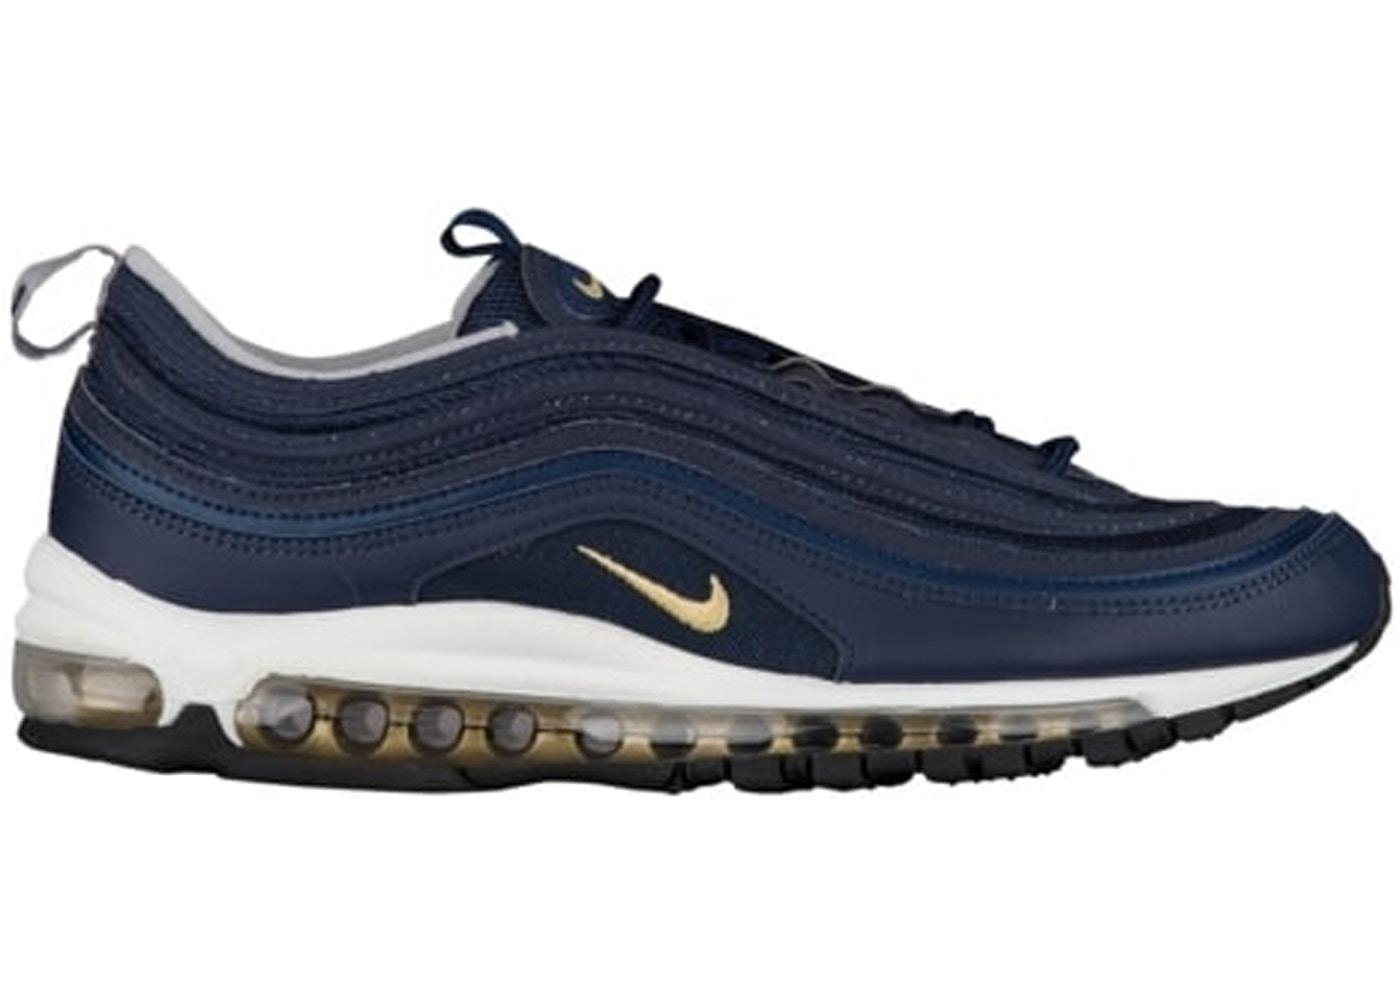 air max 97 navy blue